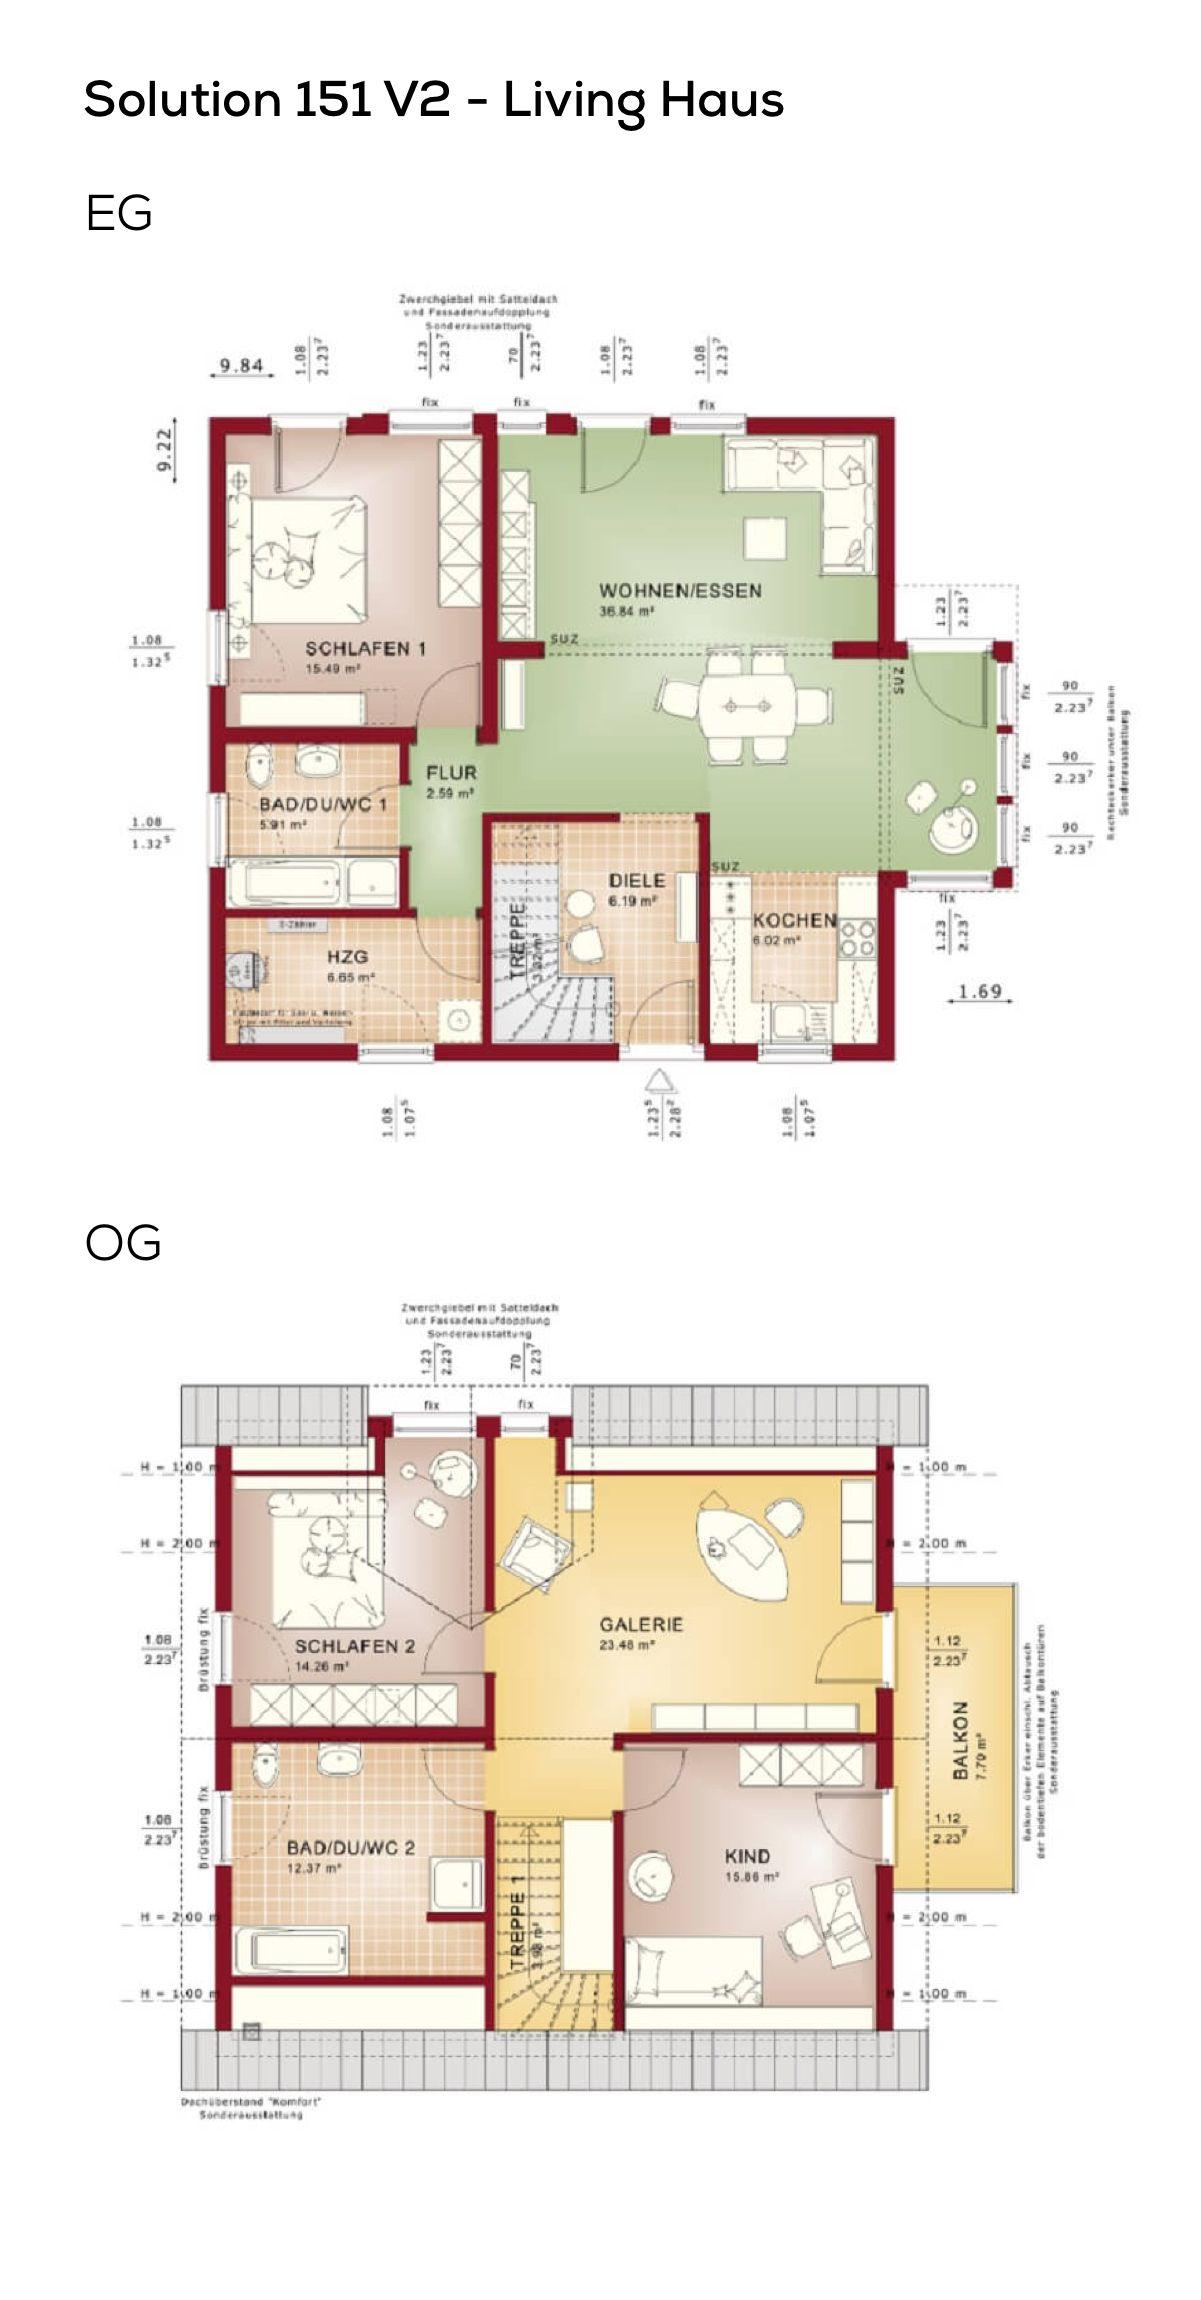 Grundriss Einfamilienhaus mit Galerie 5 Zimmer